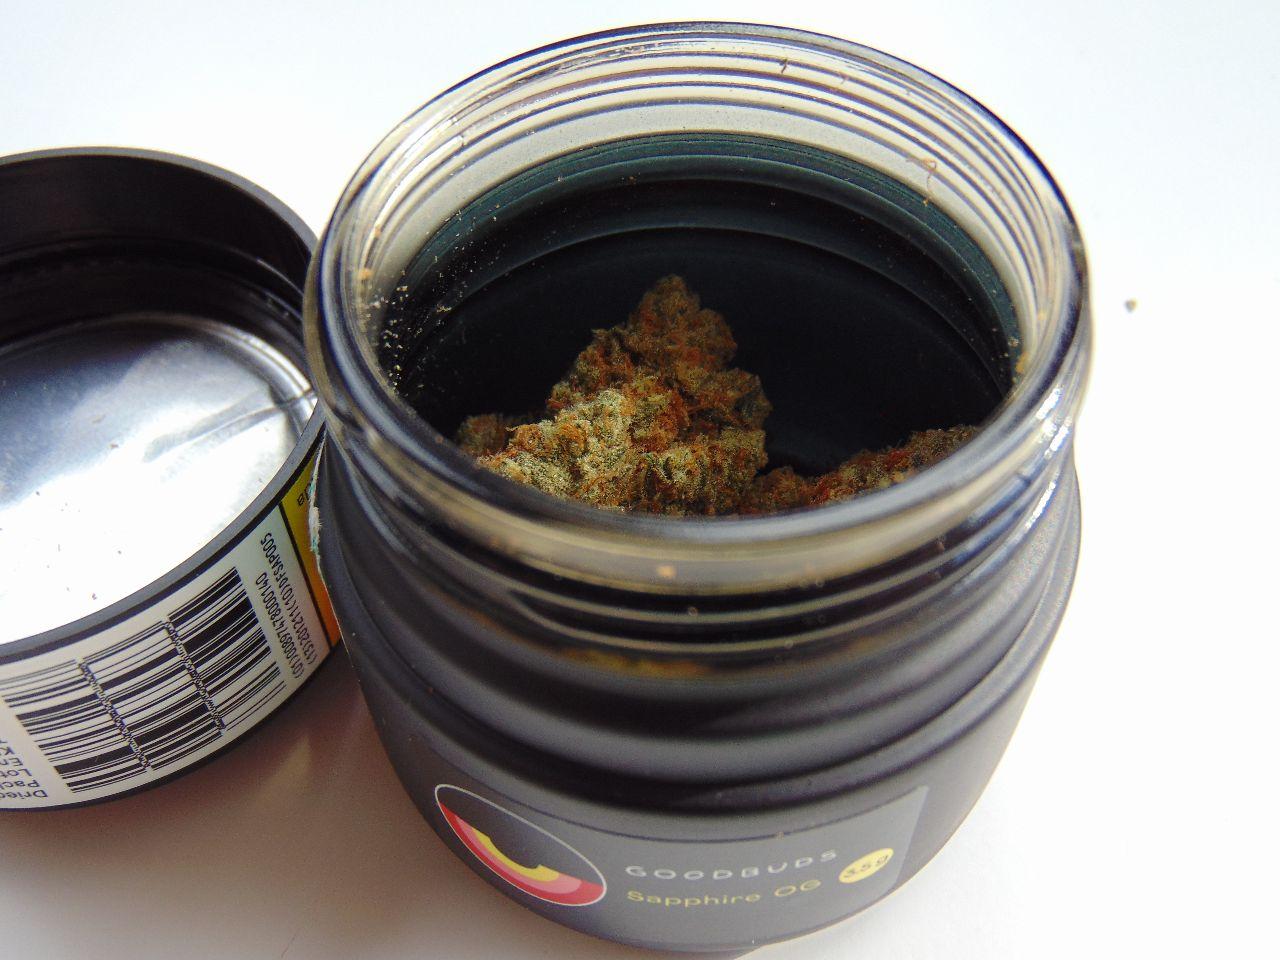 goodbud-sapphire-og-jar